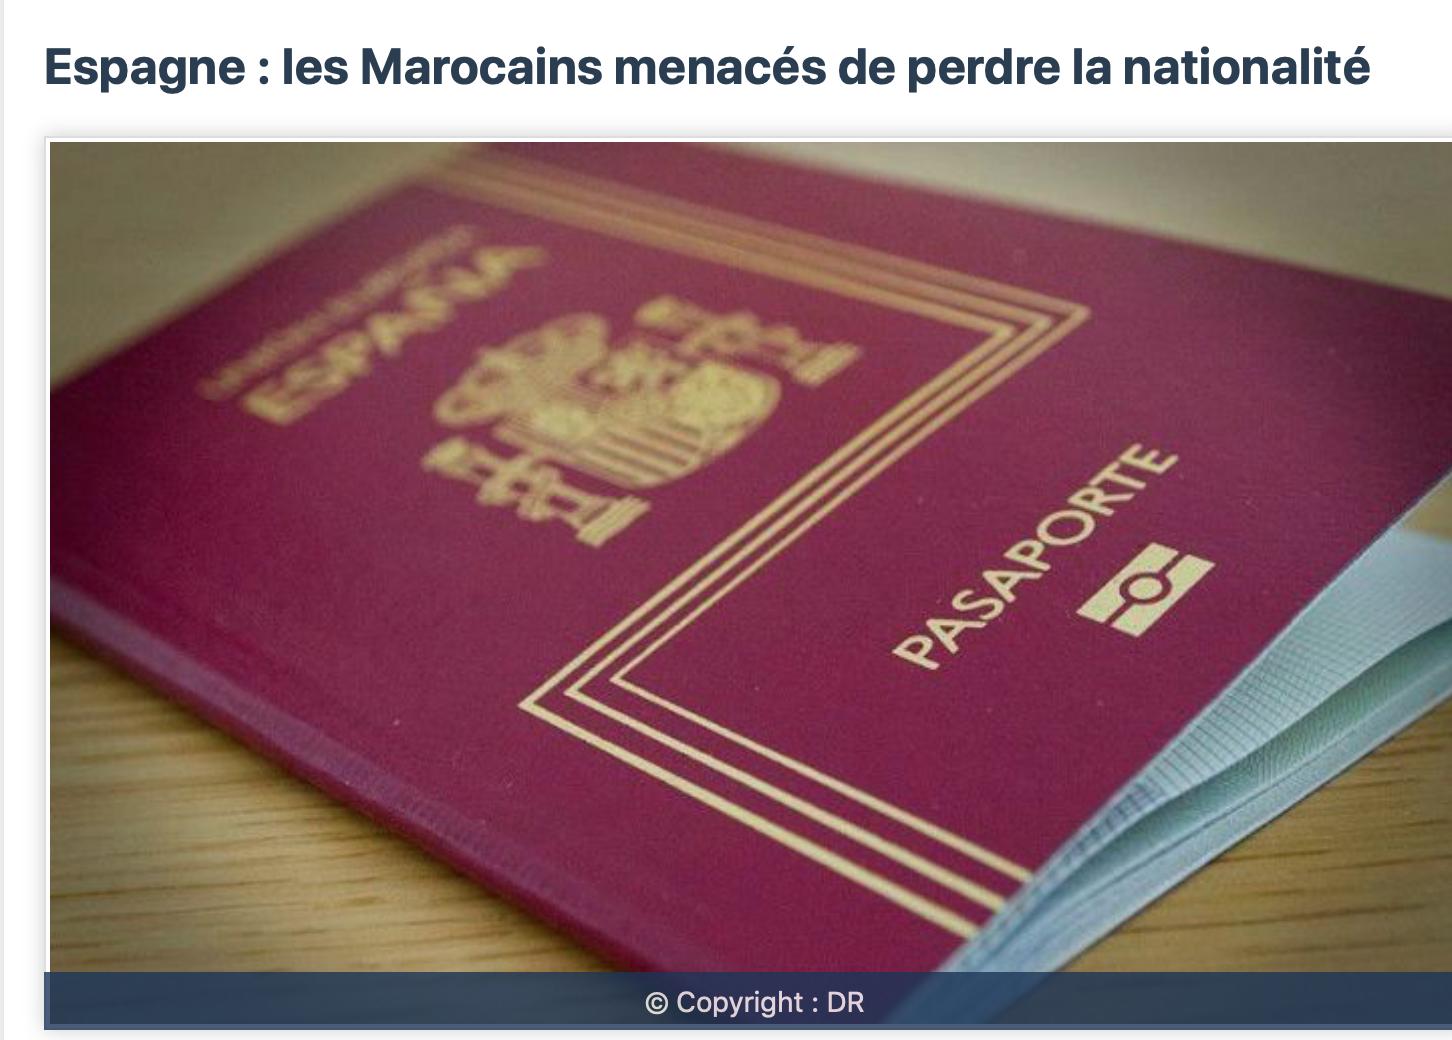 Machine arrière pour les Catalans qui préféraient l'islam à Madrid ! Sus à la nationalité marocaine !